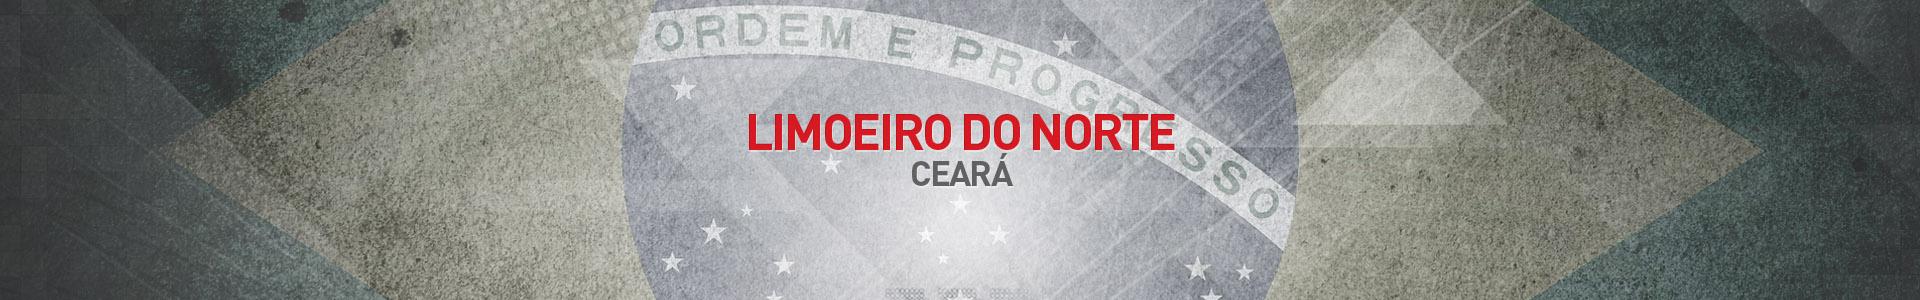 Topo-Cidades-Limoeiro-do-Norte-SBA